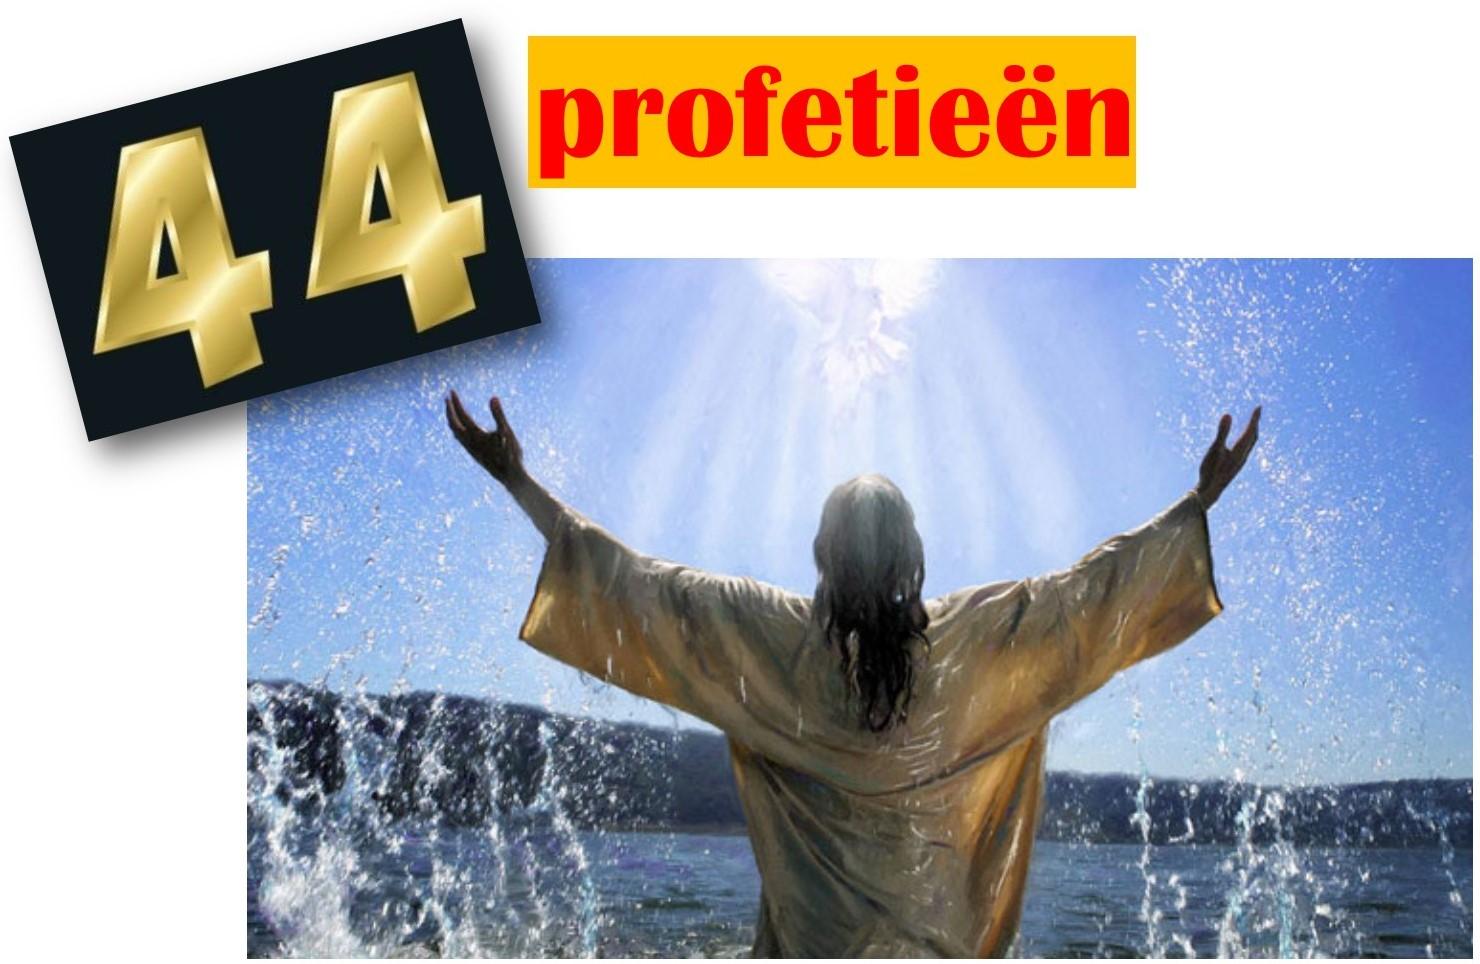 44 profetieen